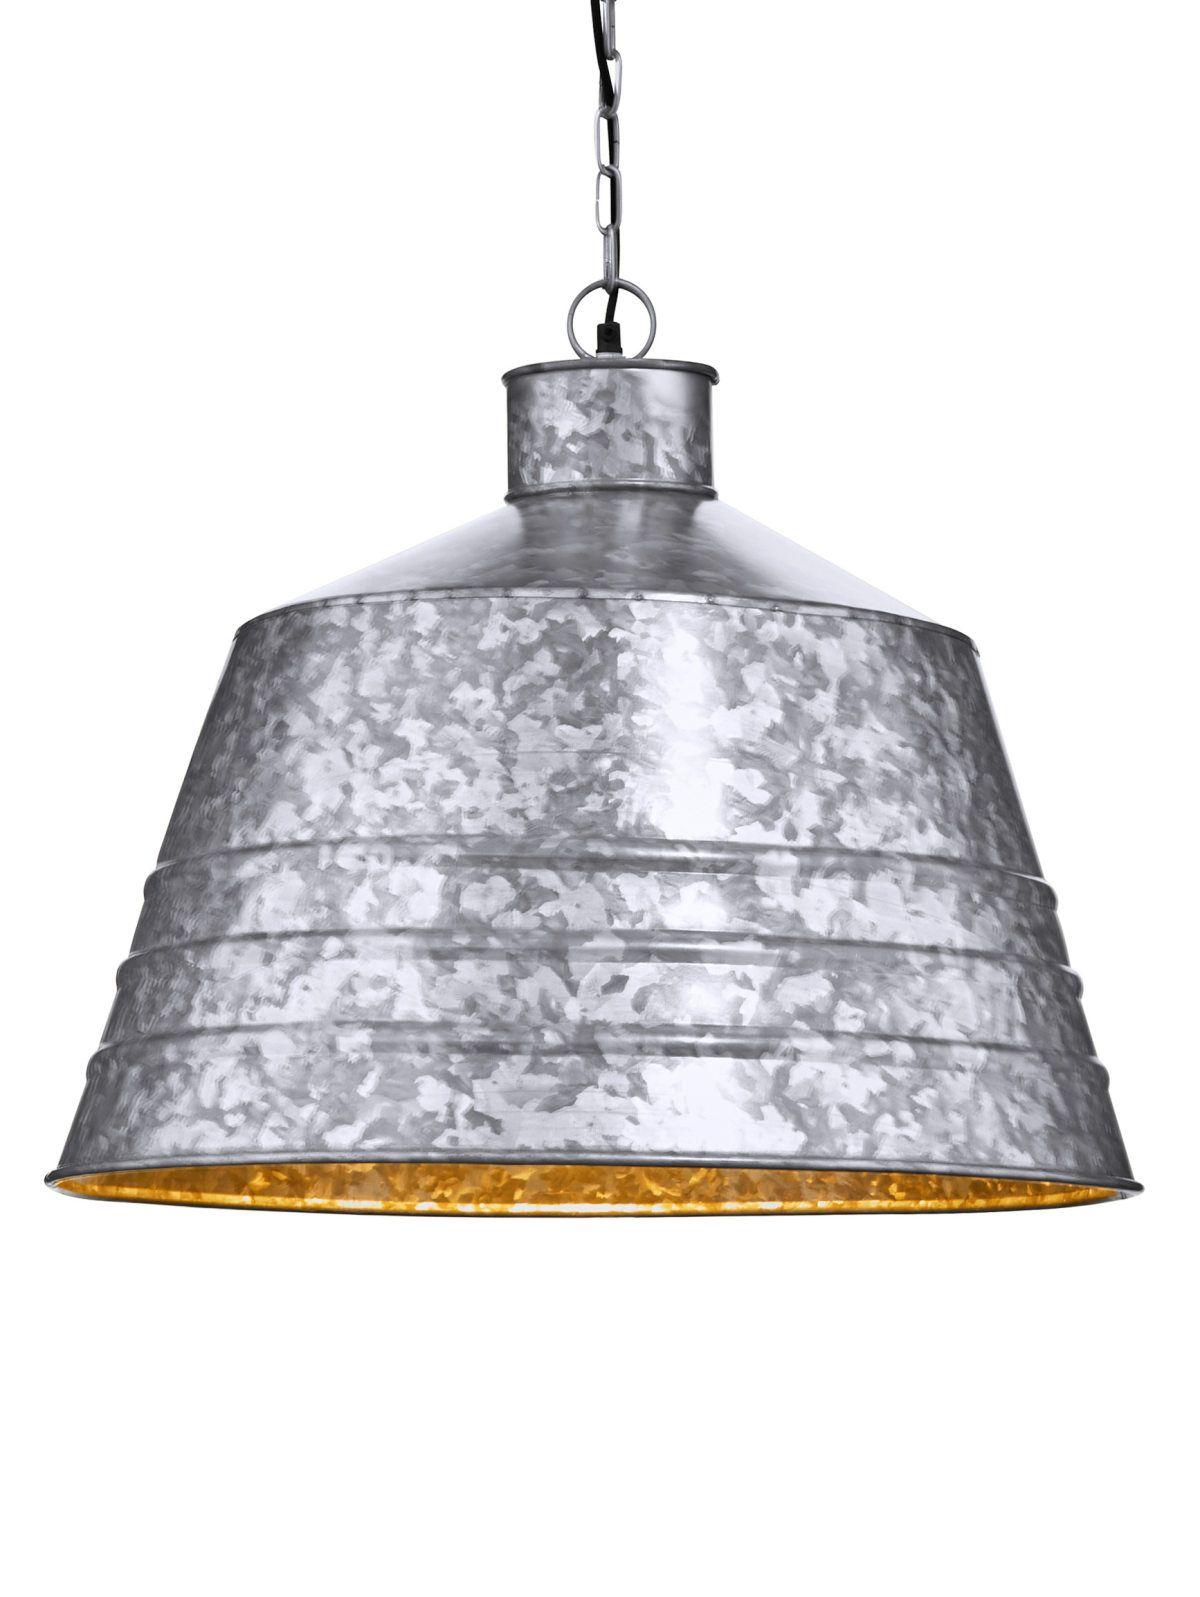 Industrial Deckenleuchte Pendelleuchte Beleuchtung Decke Deckenleuchte Industrial